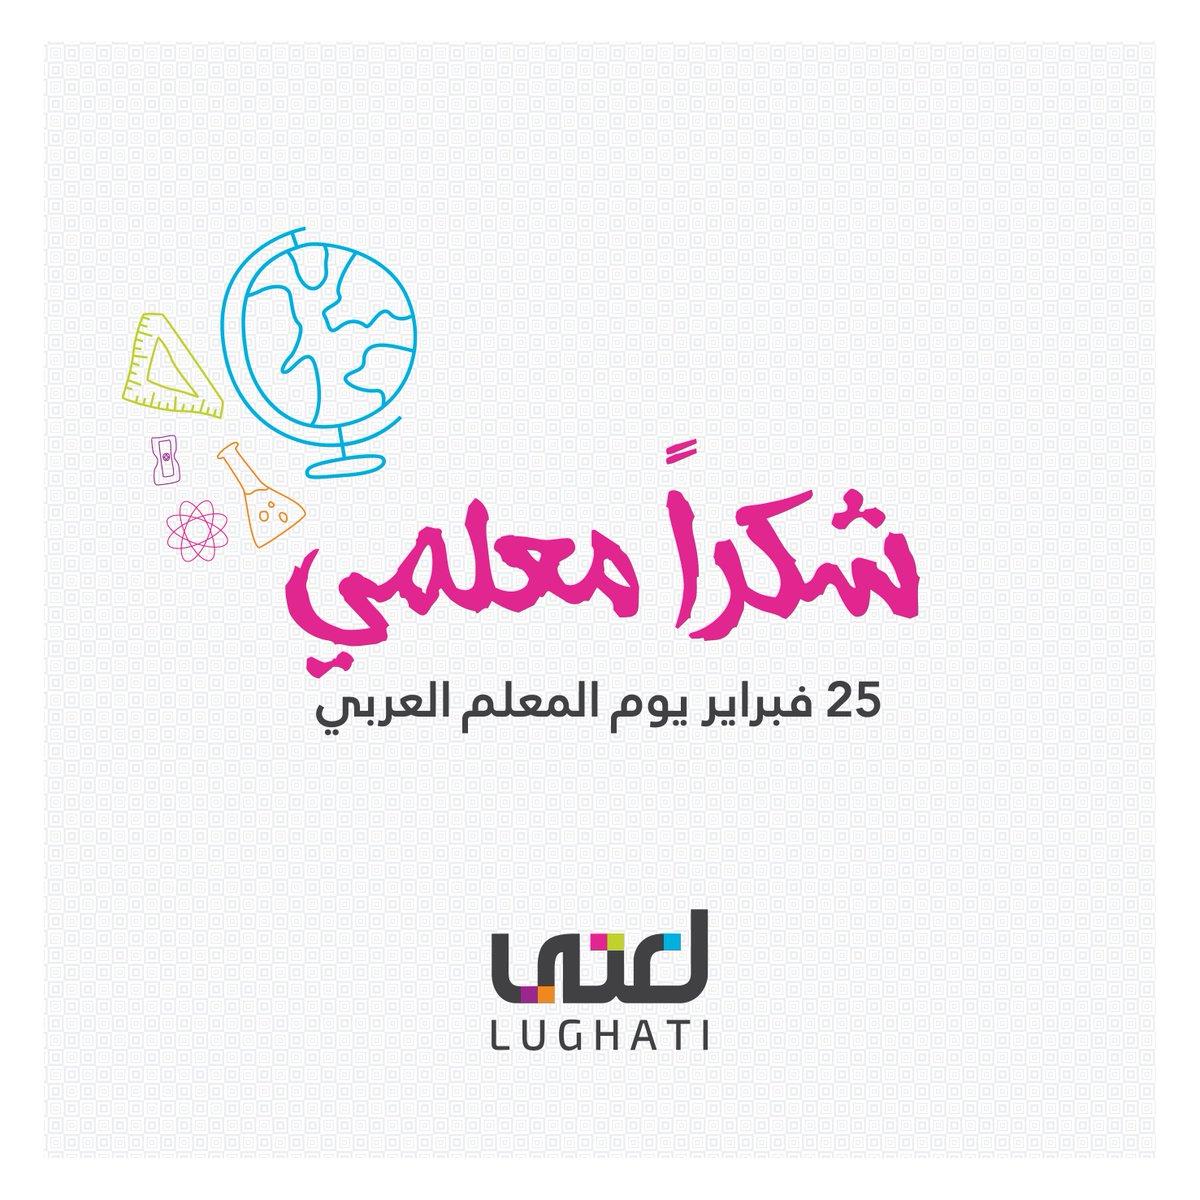 يوم المعلم العربي Hashtag On Twitter